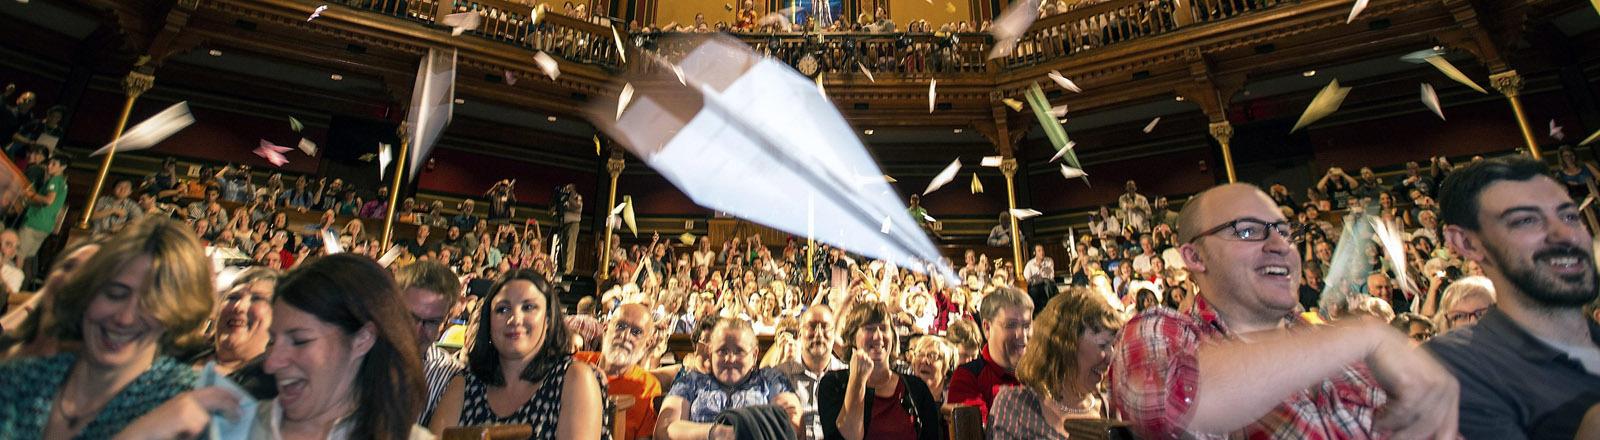 Papierflieger segeln durch die Luft beim Ig-Nobel-Preis an der Harvard University